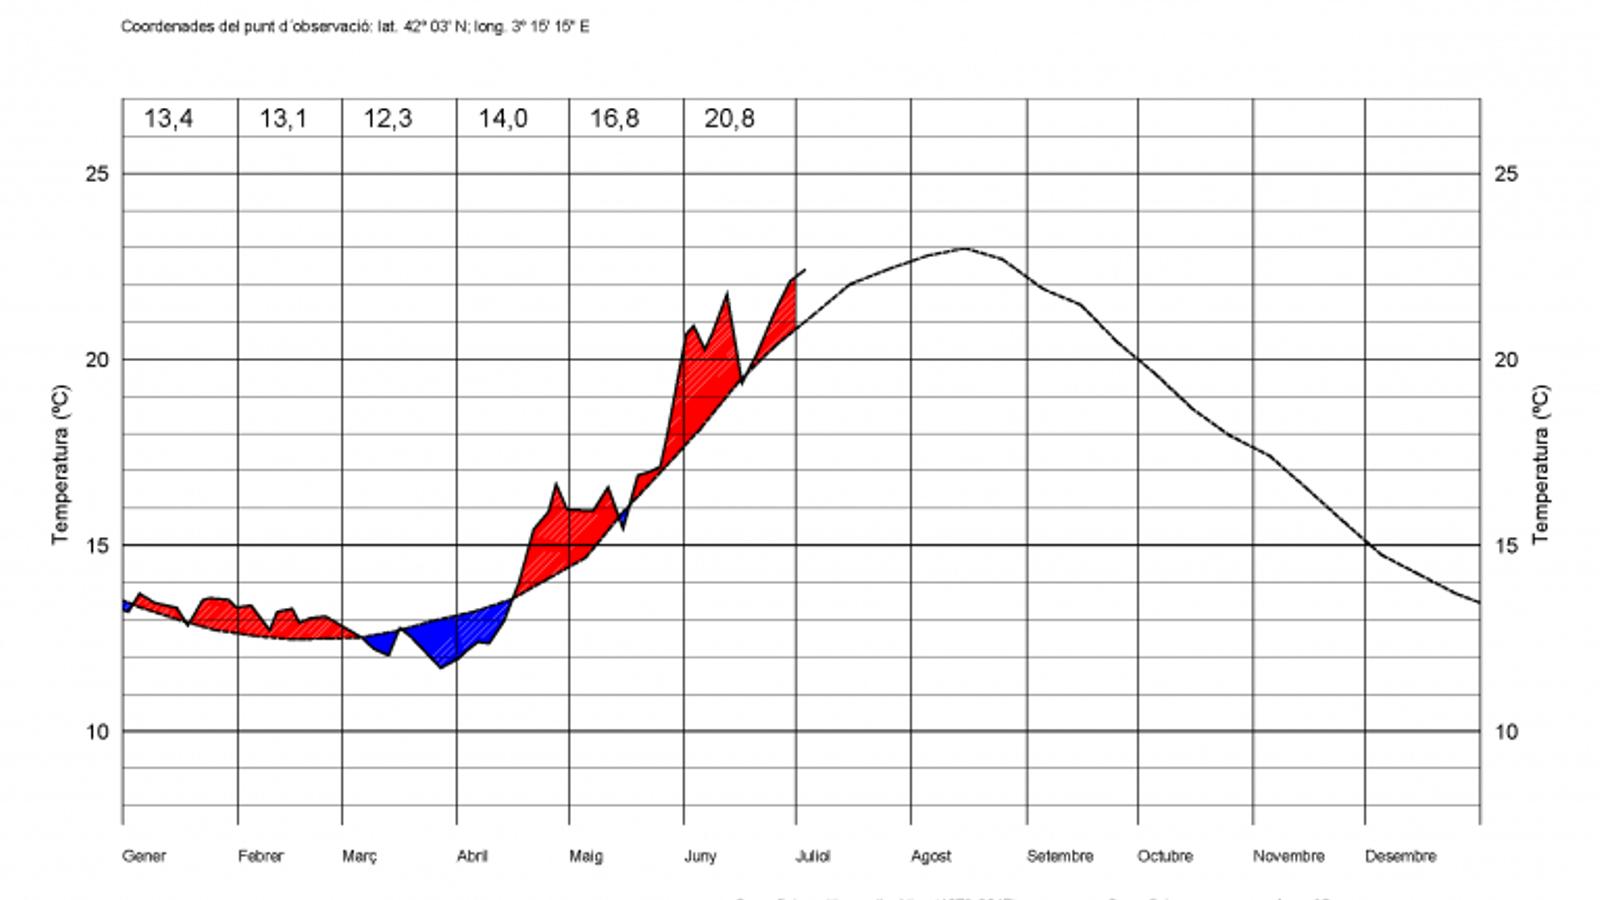 L'aigua del mar ja arriba a 27 graus a la Costa Daurada i les Illes